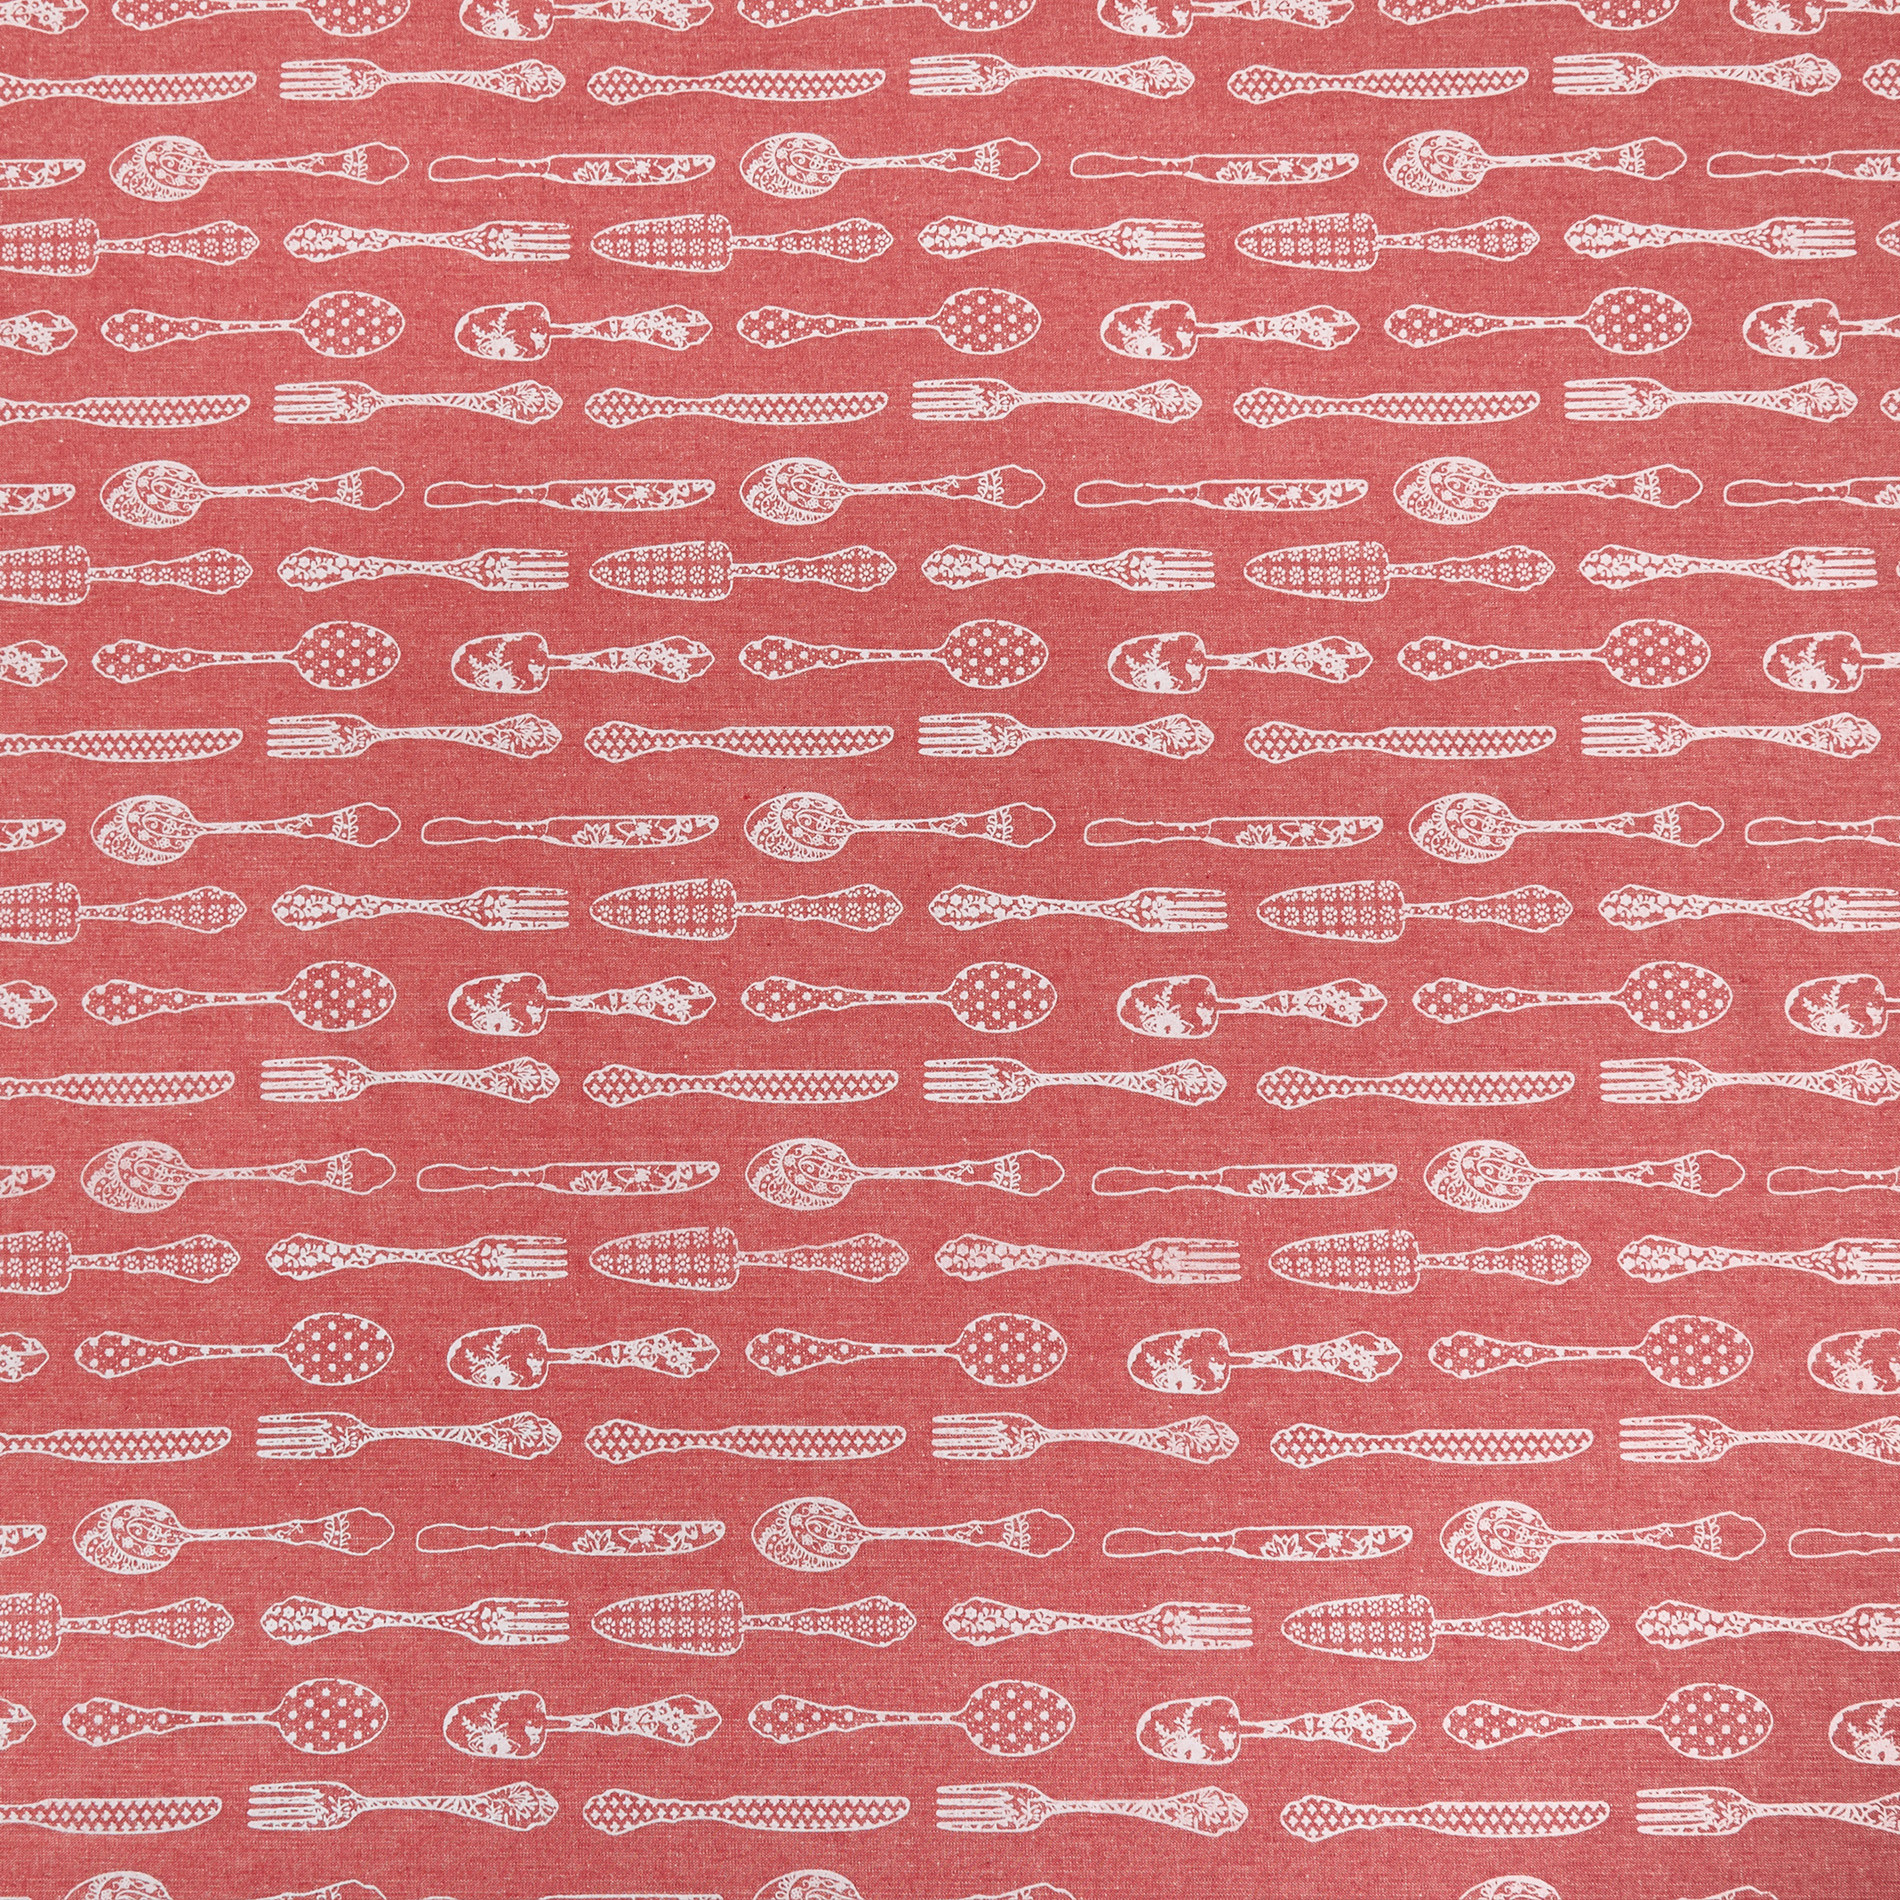 Tovaglia puro cotone idrorepellente stampa posate, Rosso, large image number 1